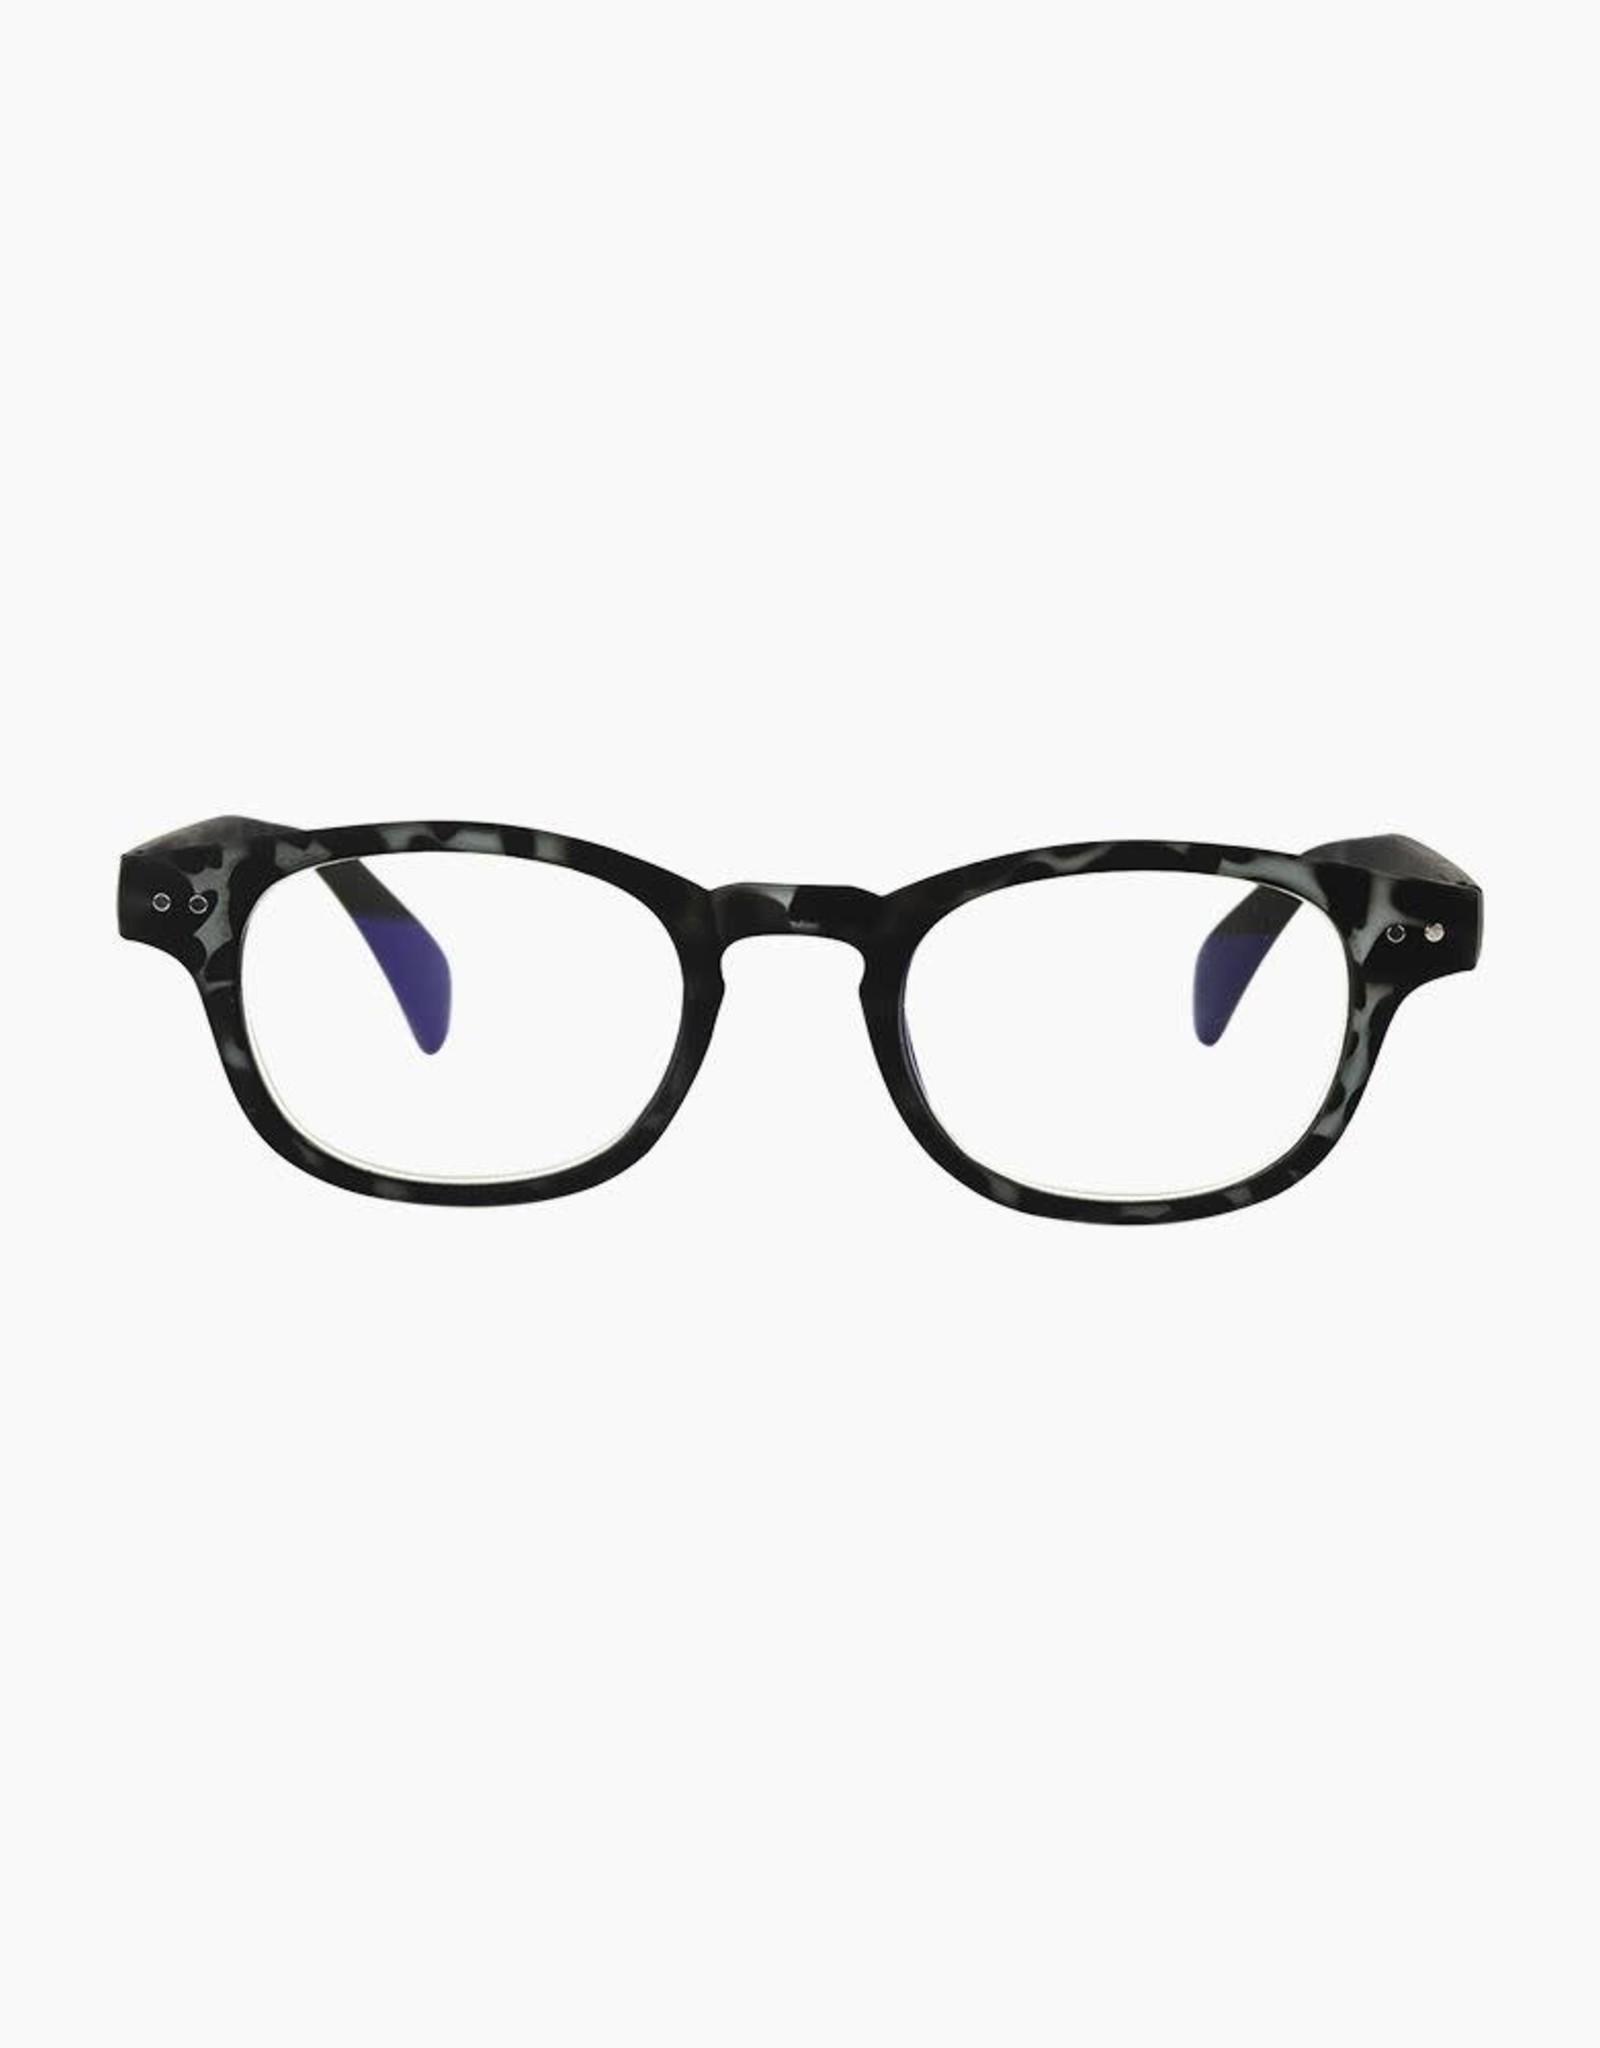 - Downtown Tortoise Blue Light Glasses